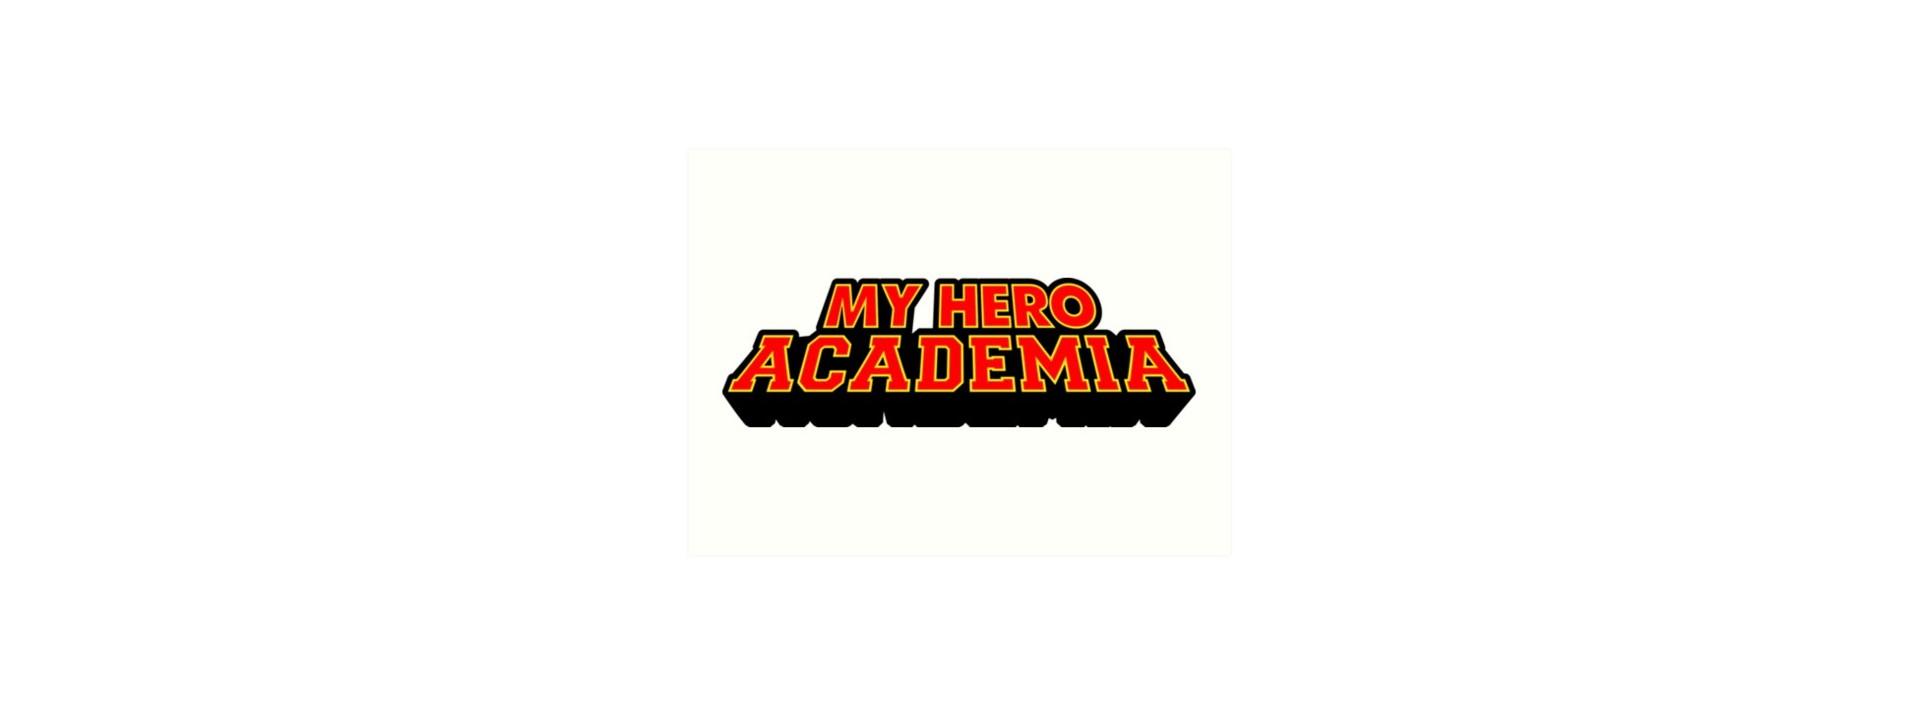 Funko Pop My Hero Academia en Mascromos.com Tu web de cromos y Funko Pop online